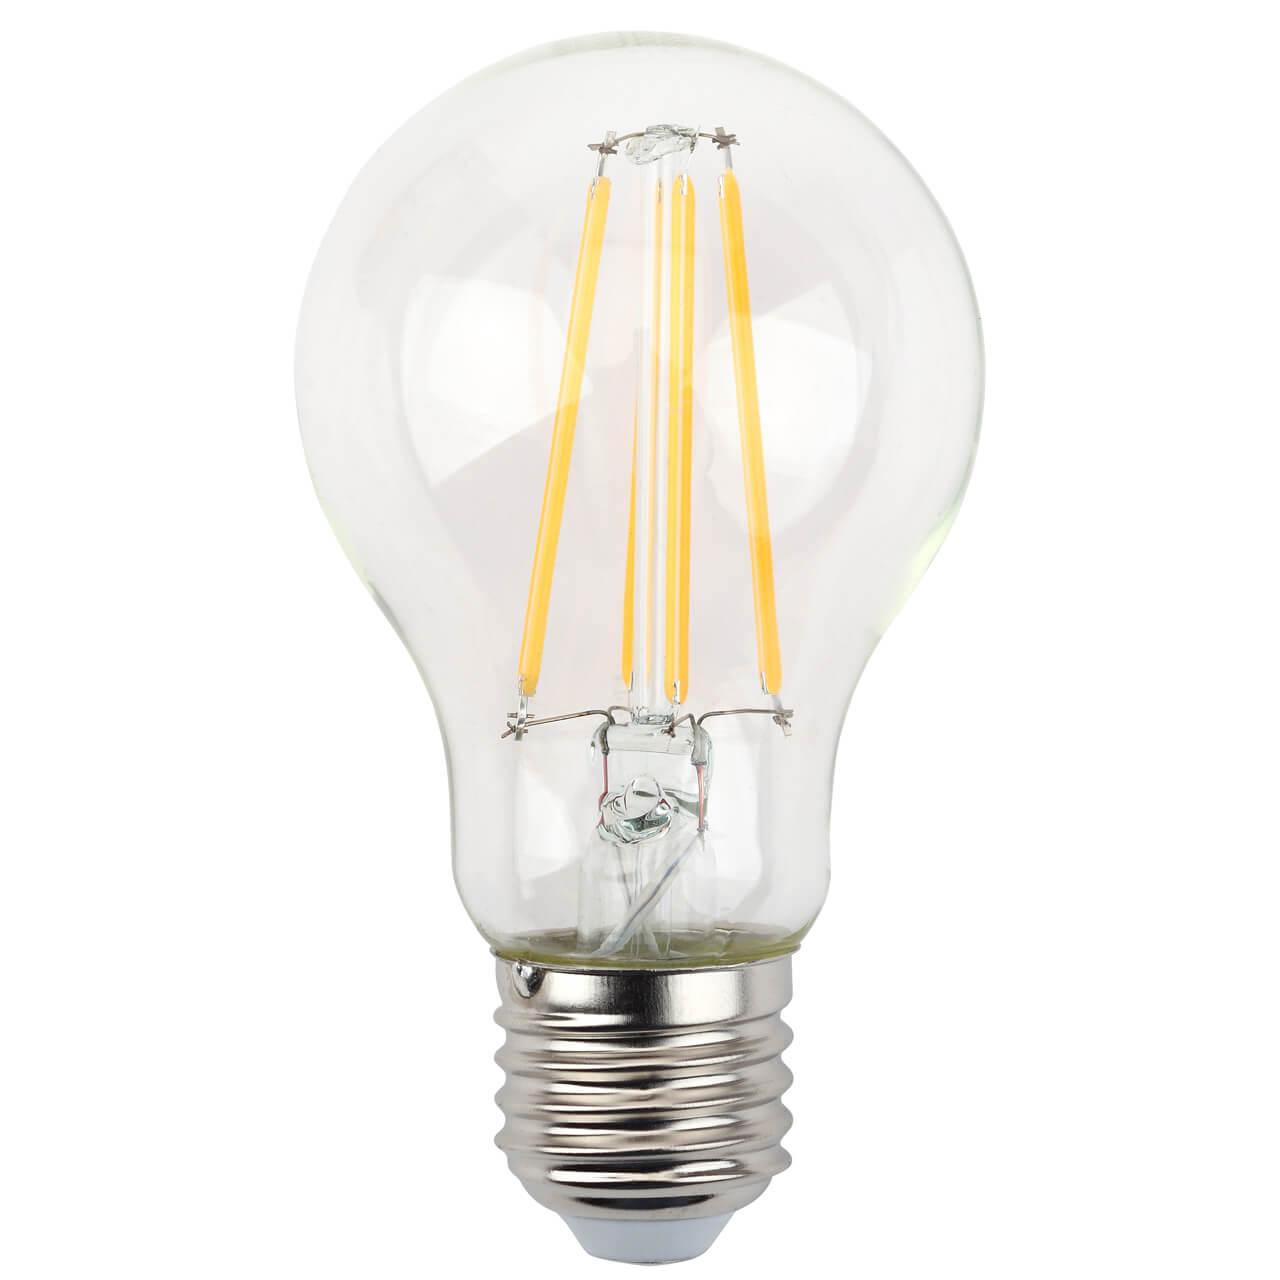 Лампа светодиодная филаментная ЭРА E27 13W 2700K прозрачная F-LED A60-13W-827-E27 цены